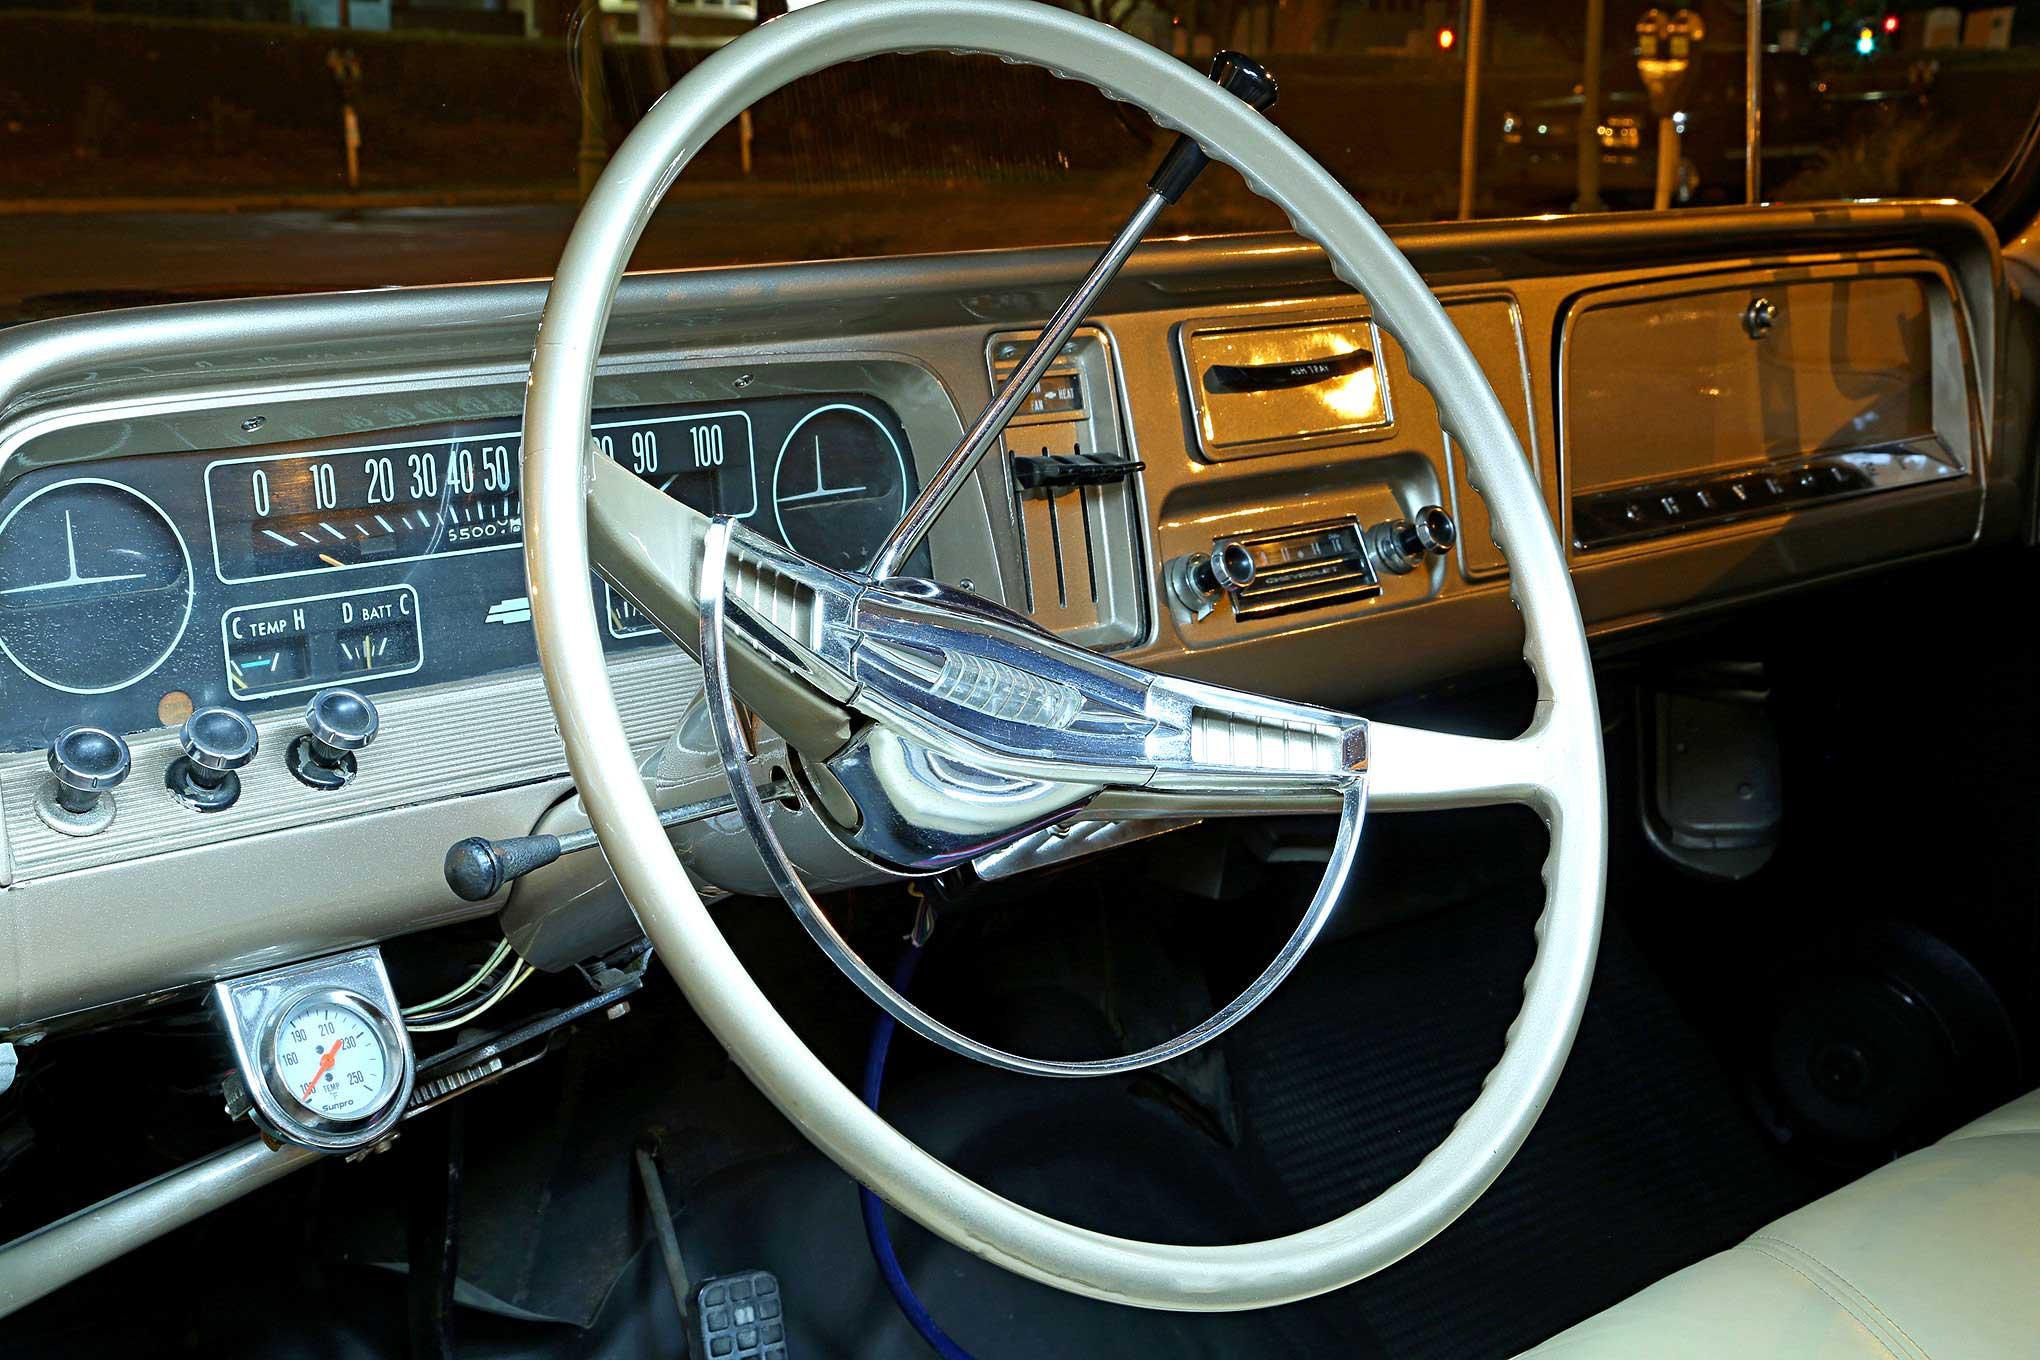 1964 Chevrolet C10 - The Transporter